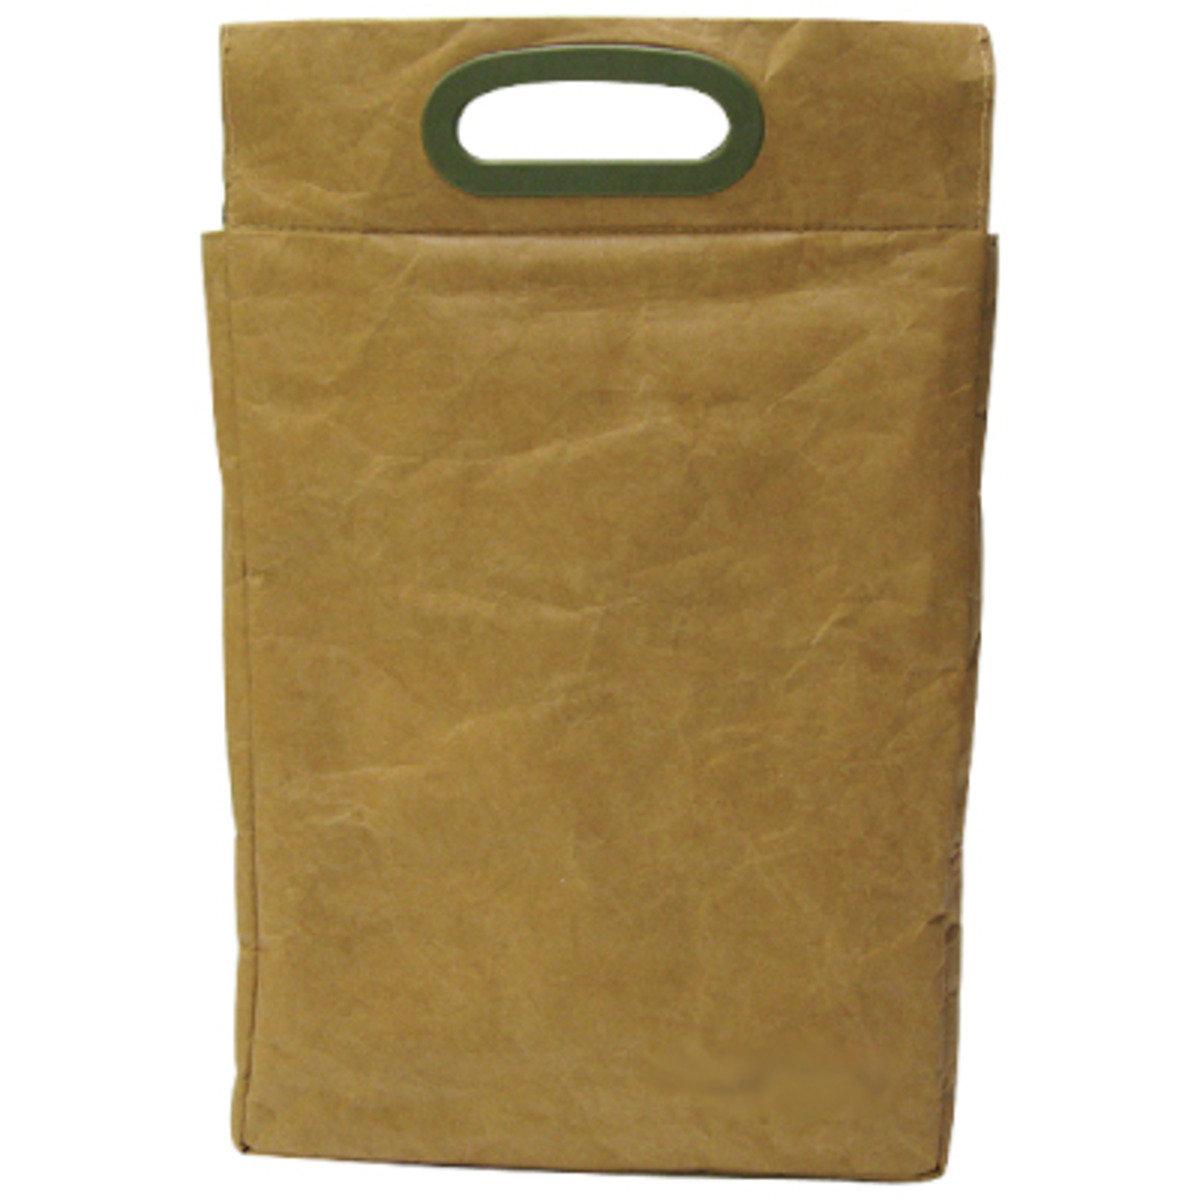 Fly Bag A4 文件包